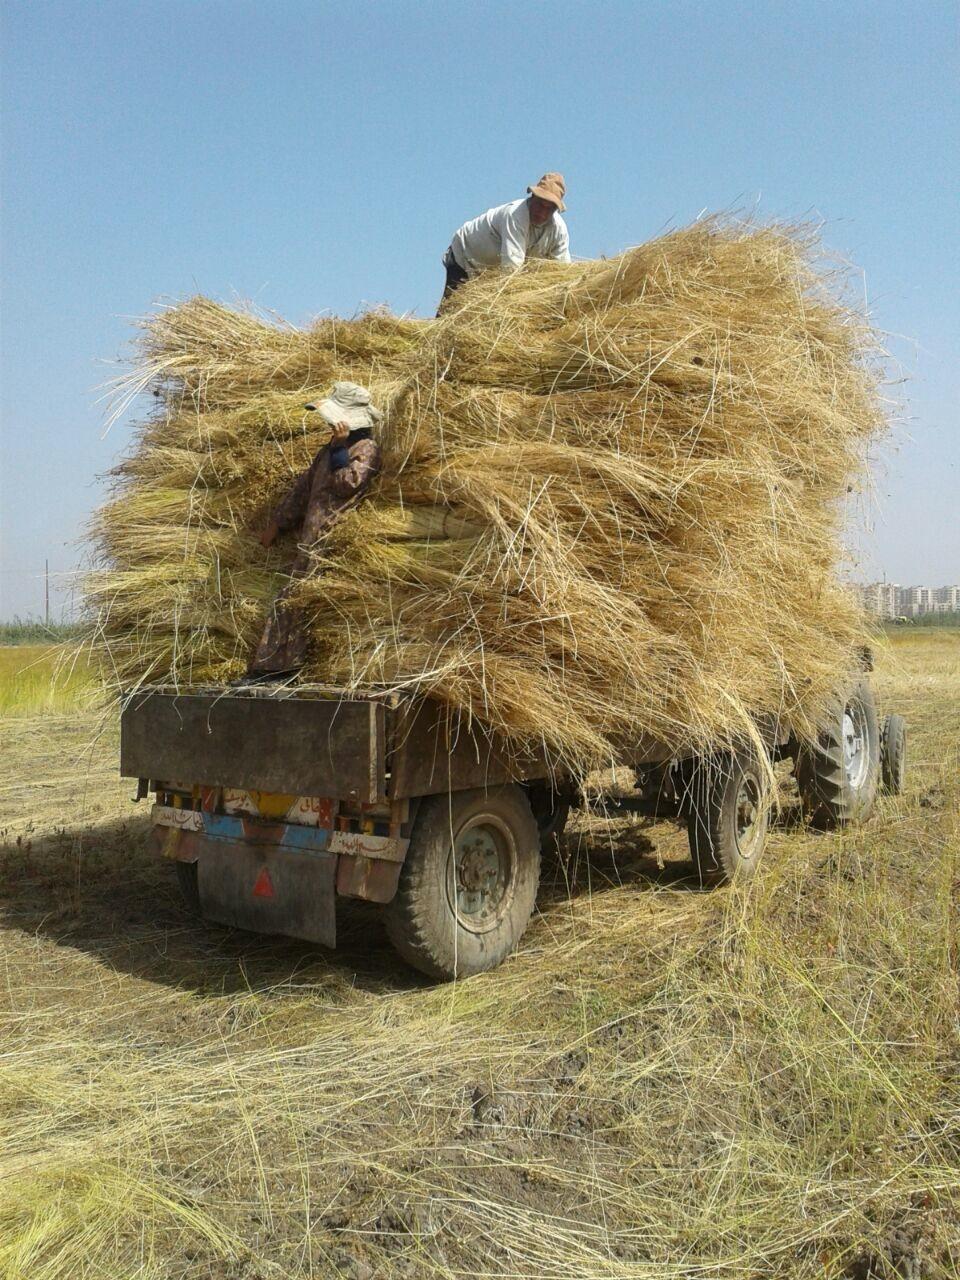 حصاد الكتان  (2)